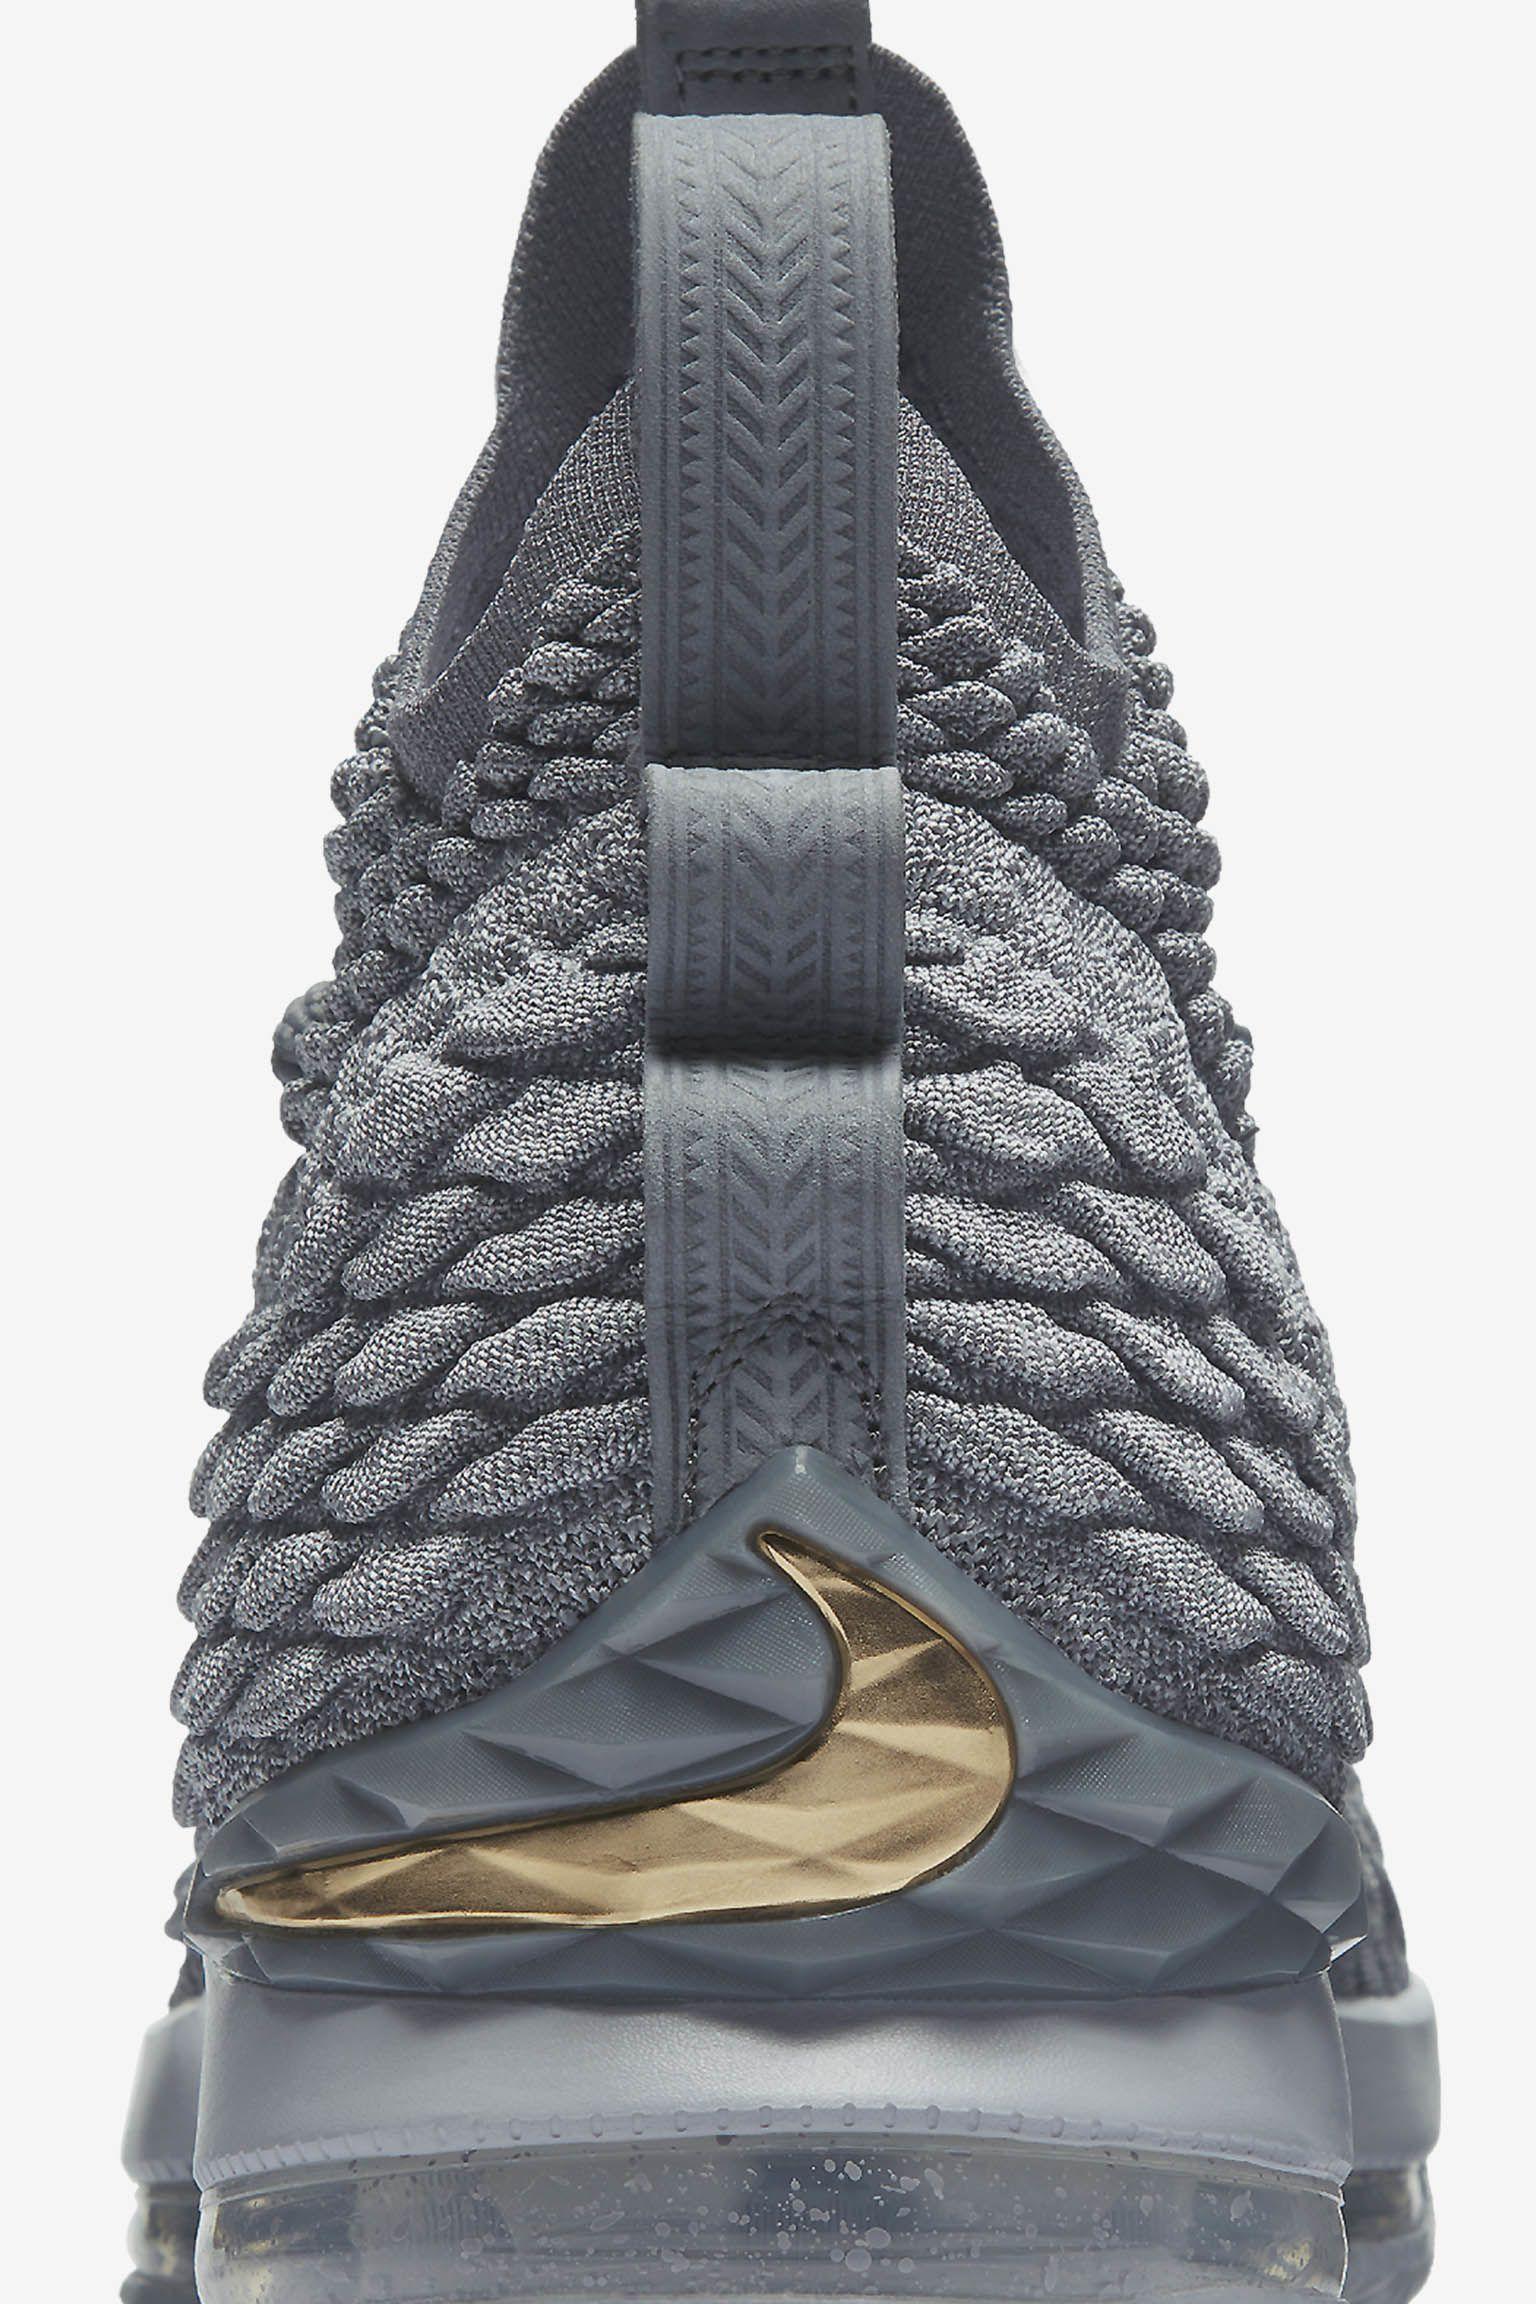 Nike Lebron 15 'Wolf Grey & Metallic Gold' Release Date